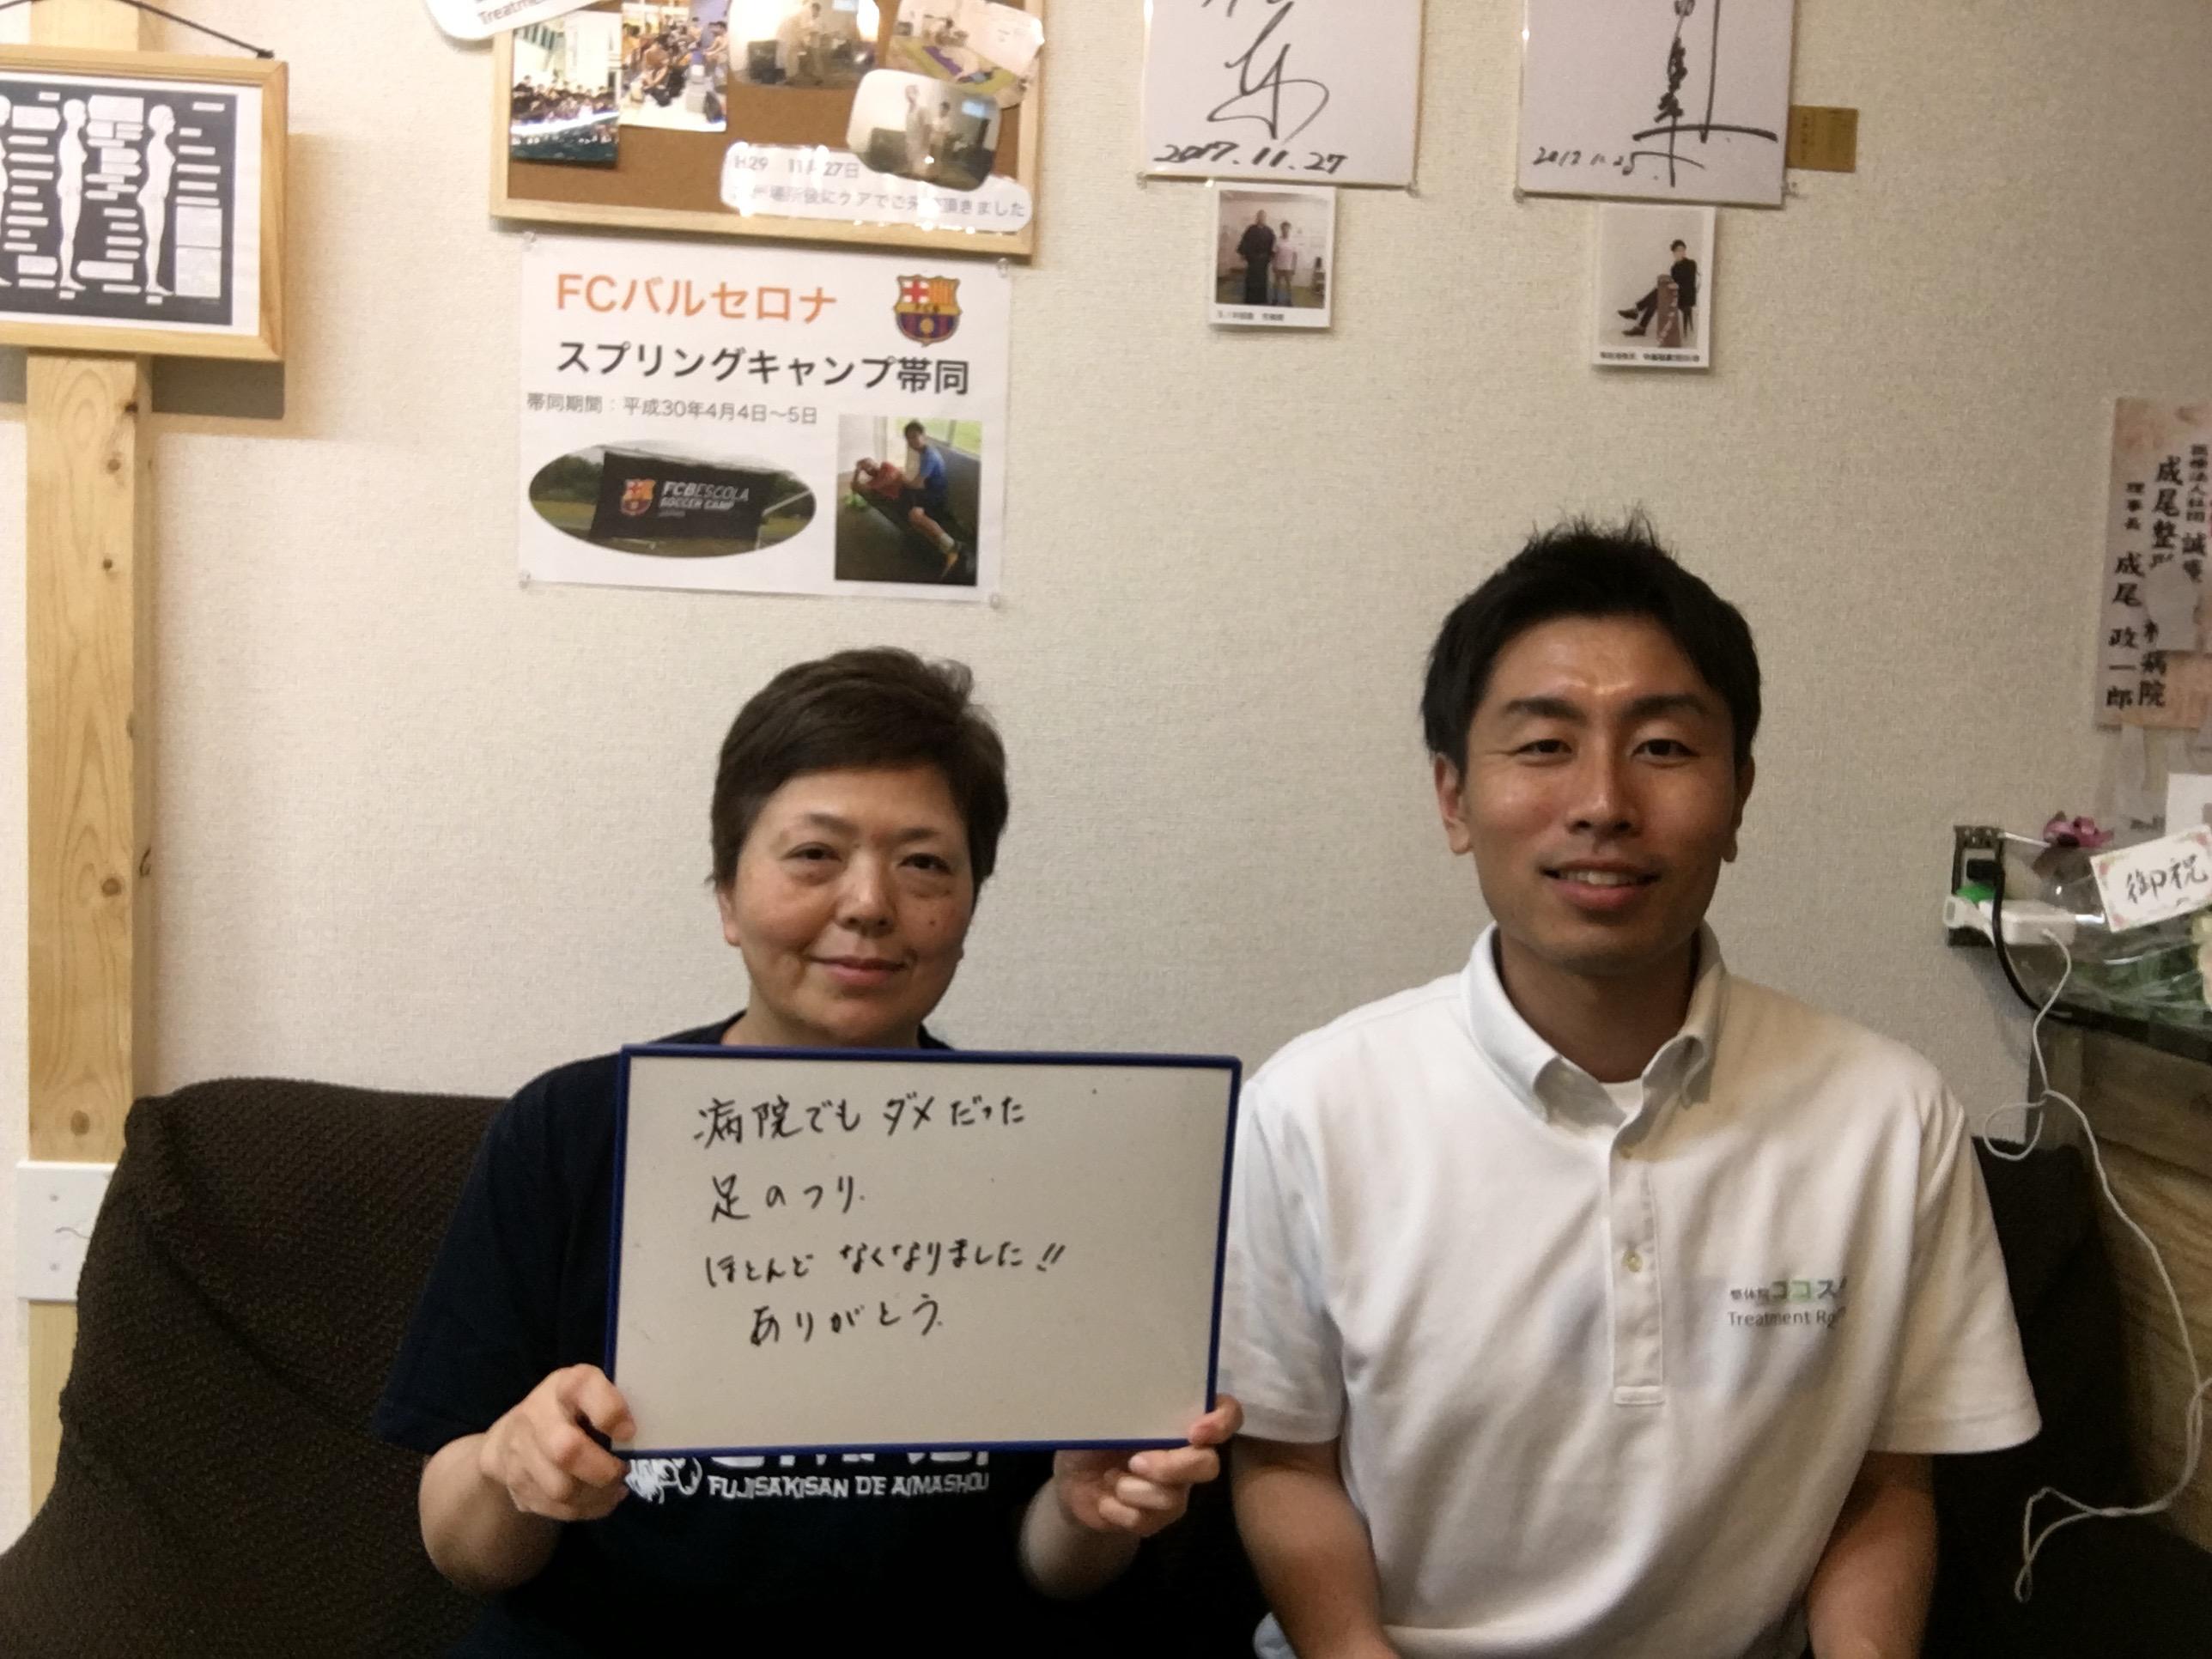 熊本-こむら返り-整体